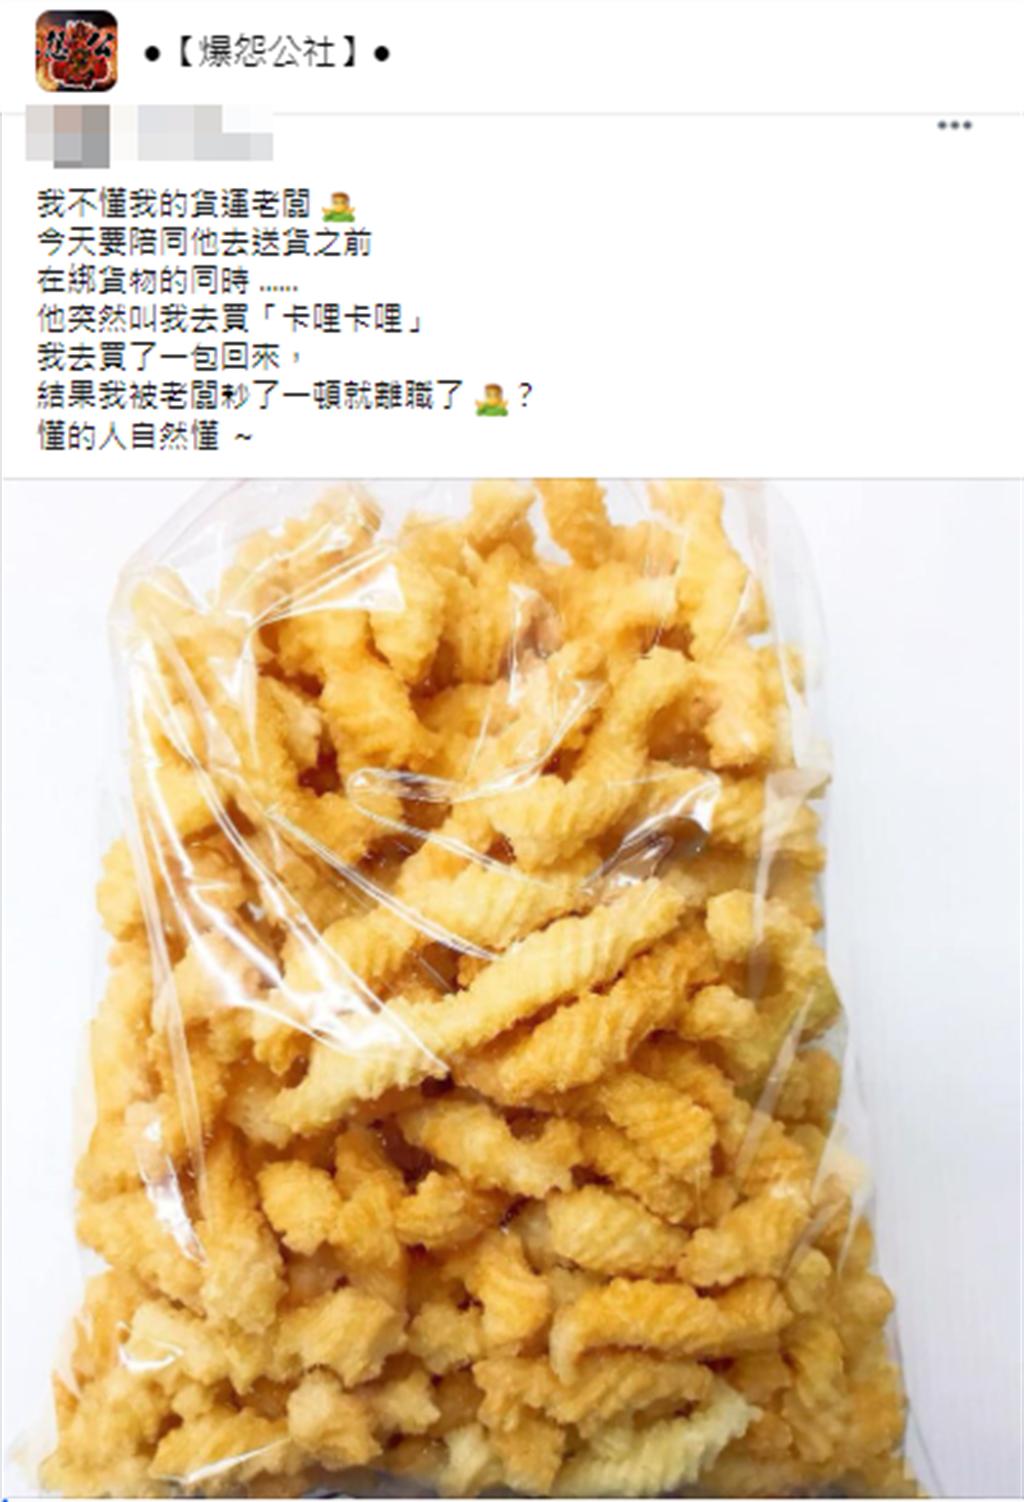 一名網友誤以為老闆要買名為卡哩卡哩的一種古早味餅乾。(圖翻攝自FB/爆怨公社)